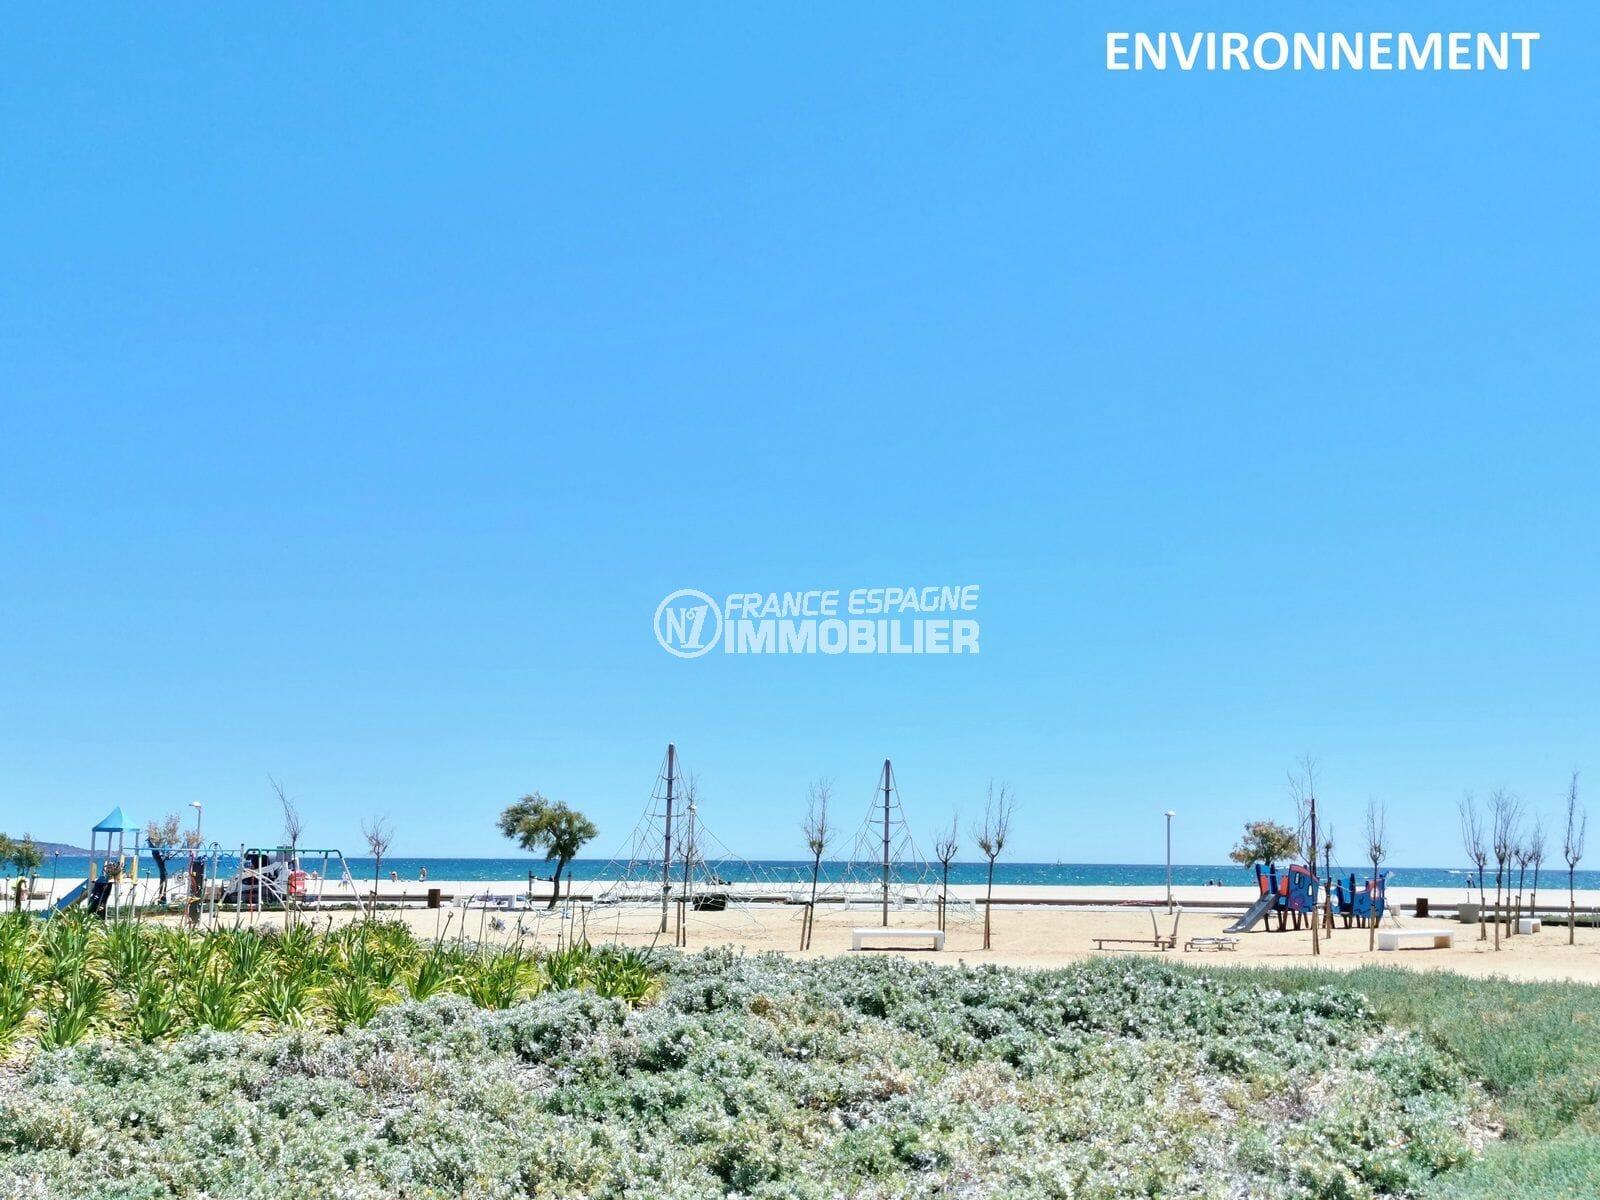 aires de jeux pour enfants sur la plage environnante